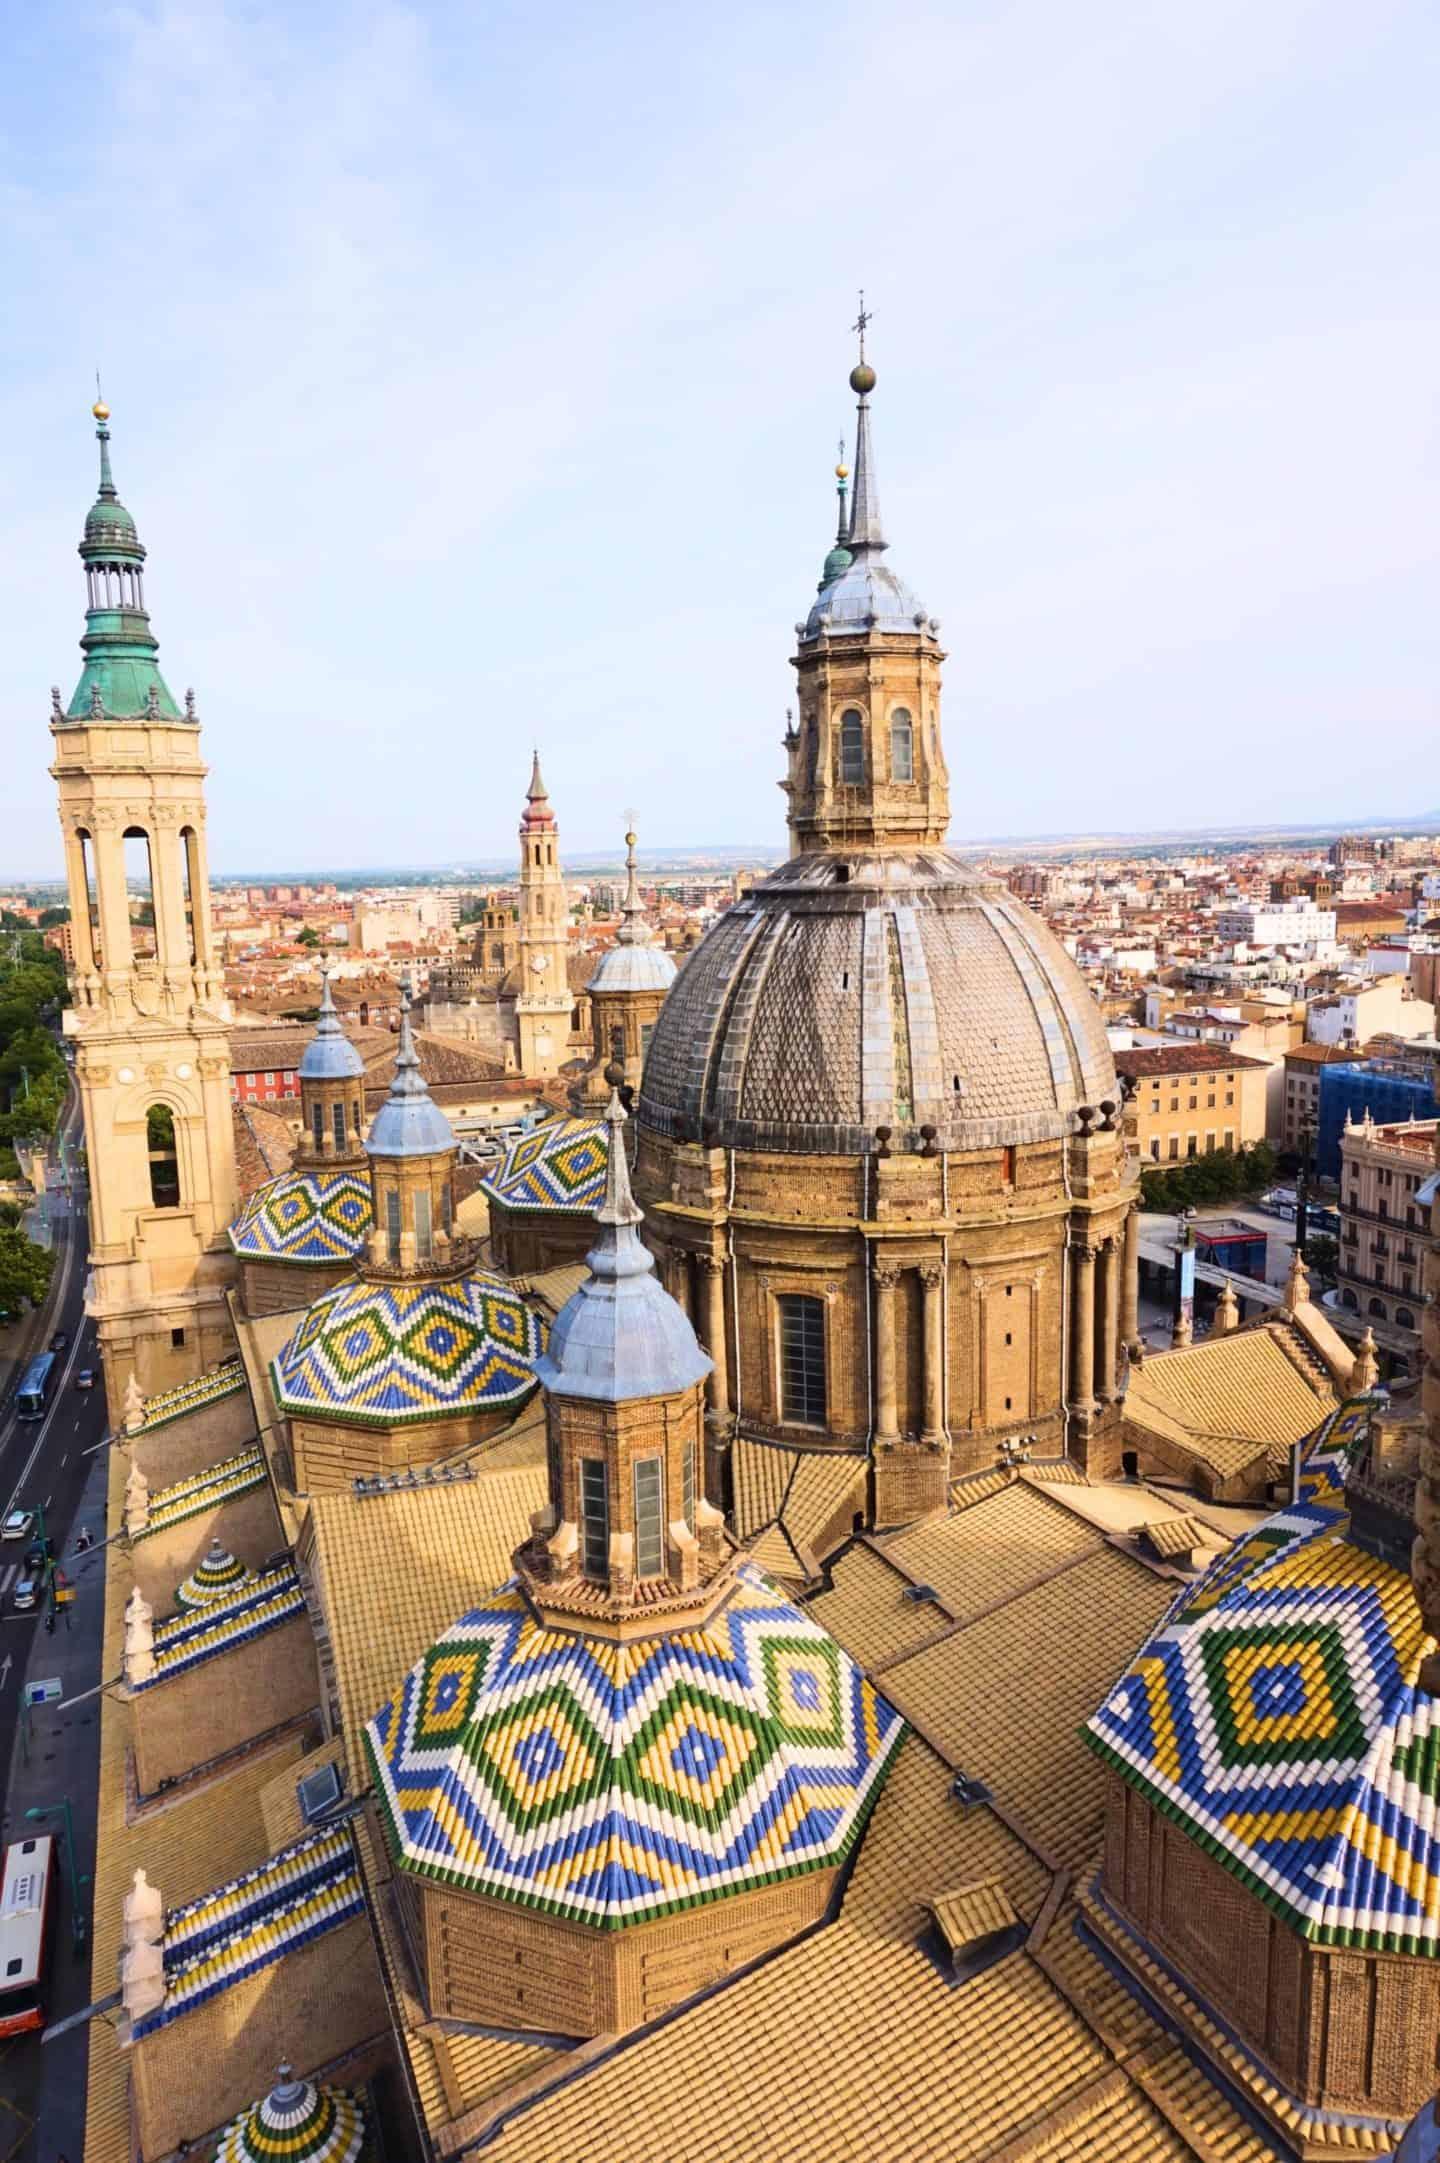 48 hours in Zaragoza, Spain